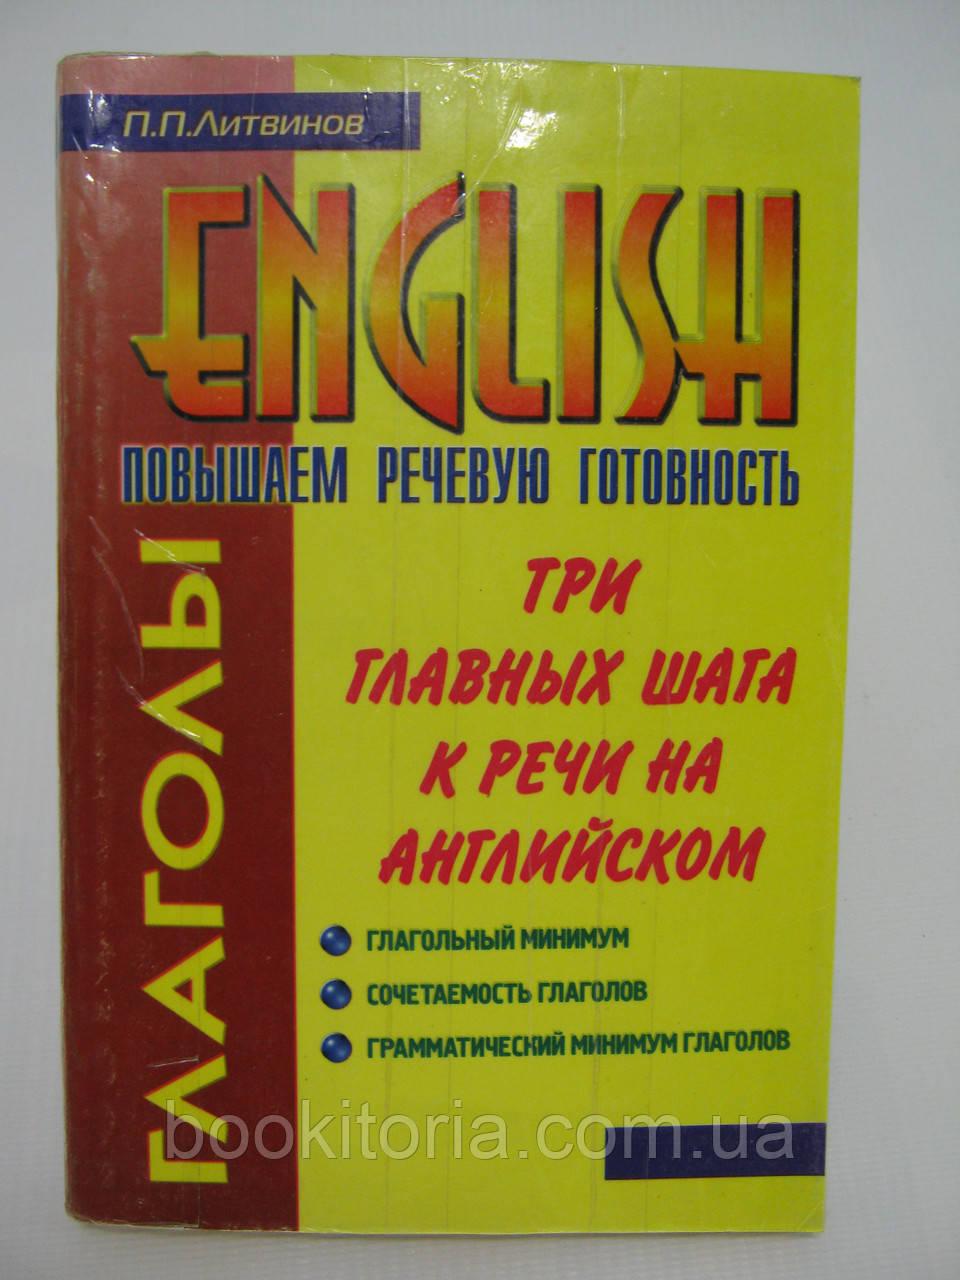 Литвинов П.П. Глаголы (б/у).